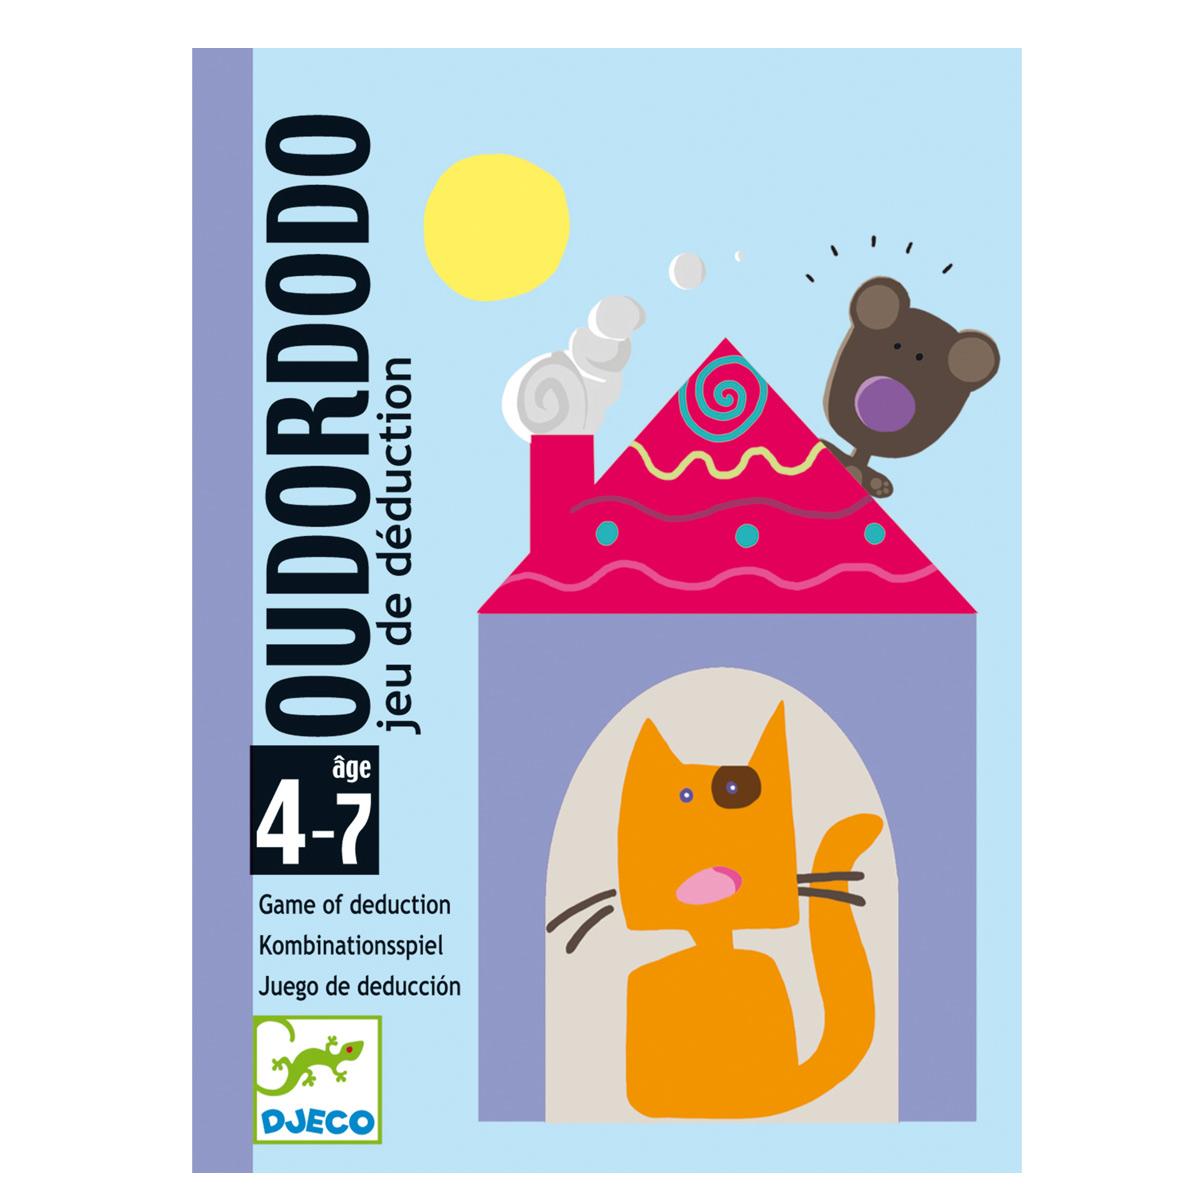 2949 - Oudordodo Image